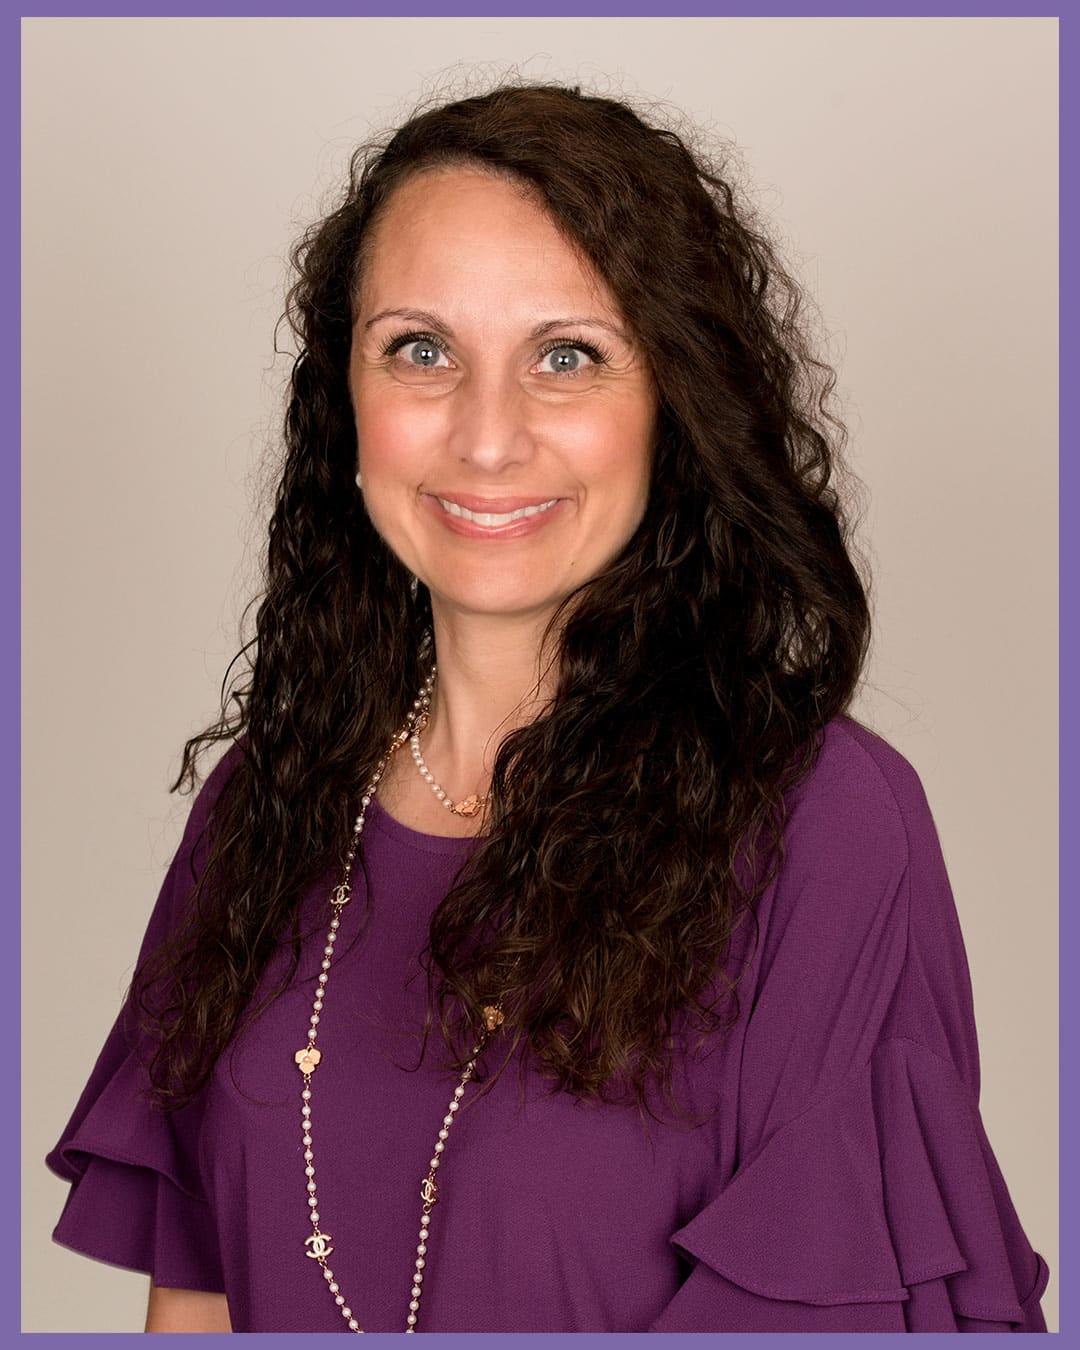 Maria Ambra Dental Hygienist